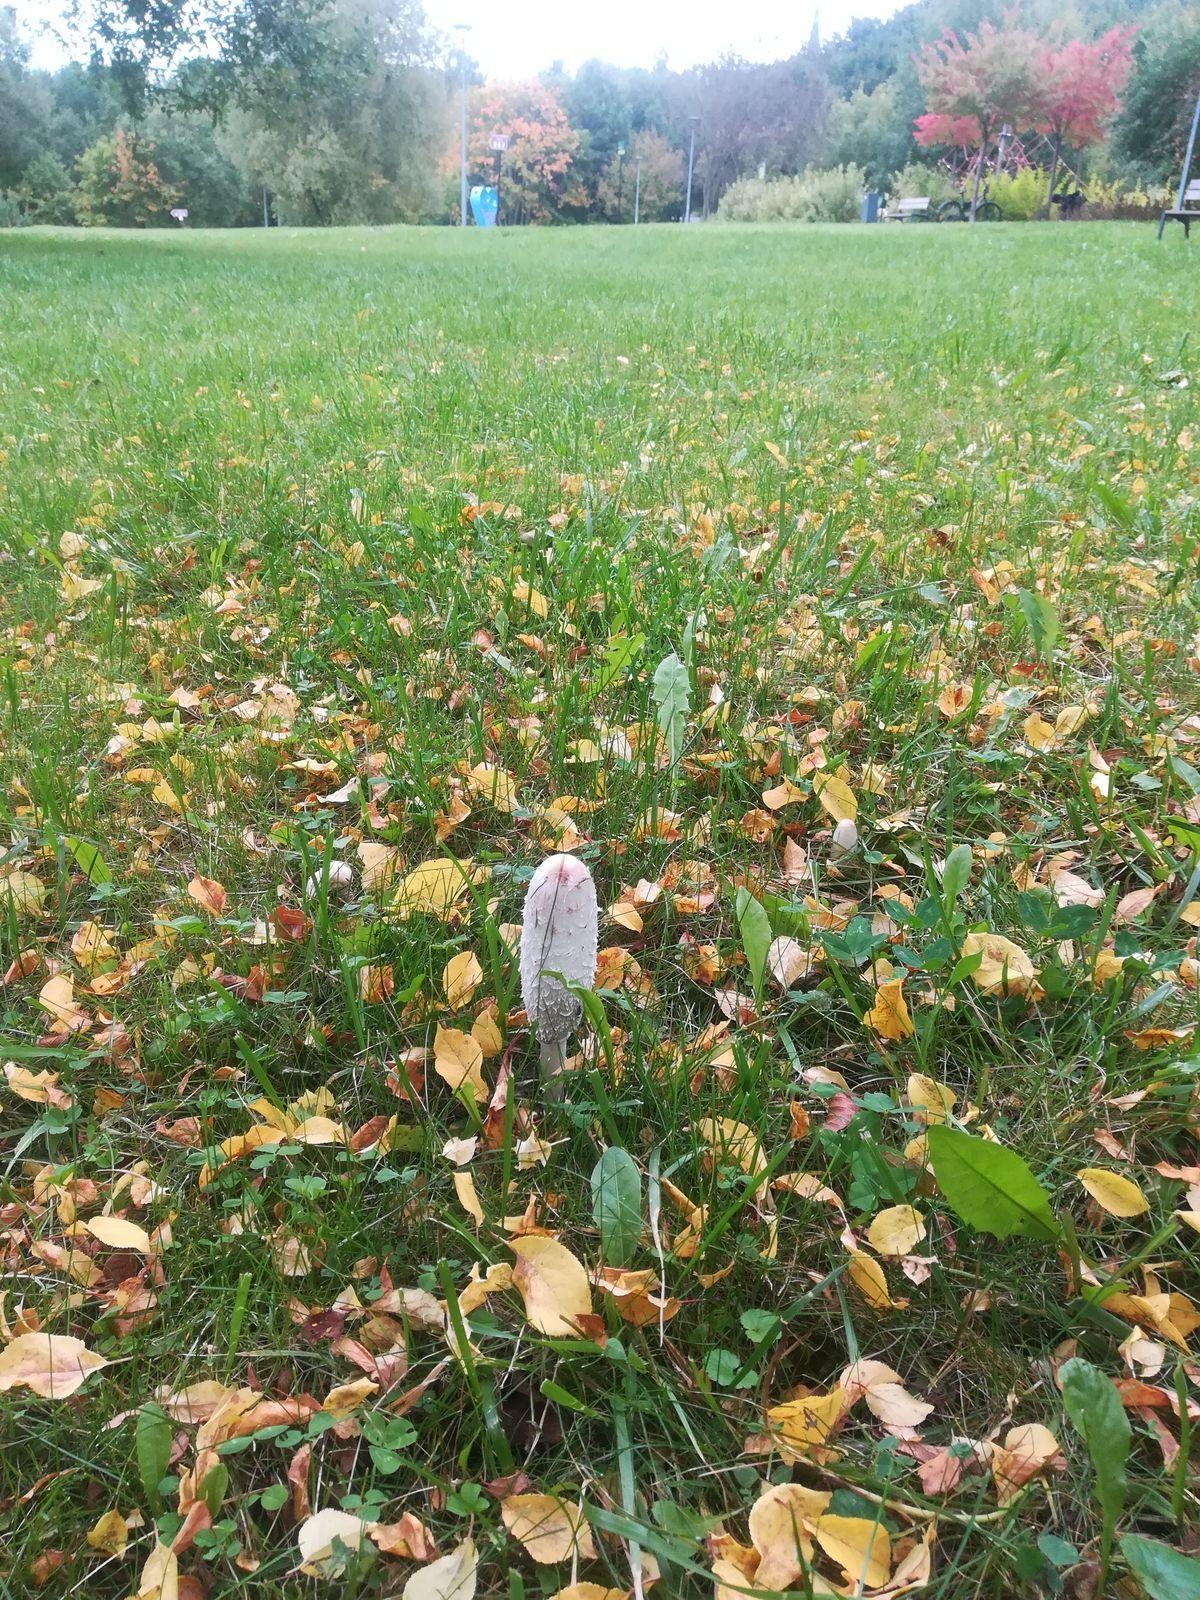 Czernidlak kołpakowaty w Parku Centralnym